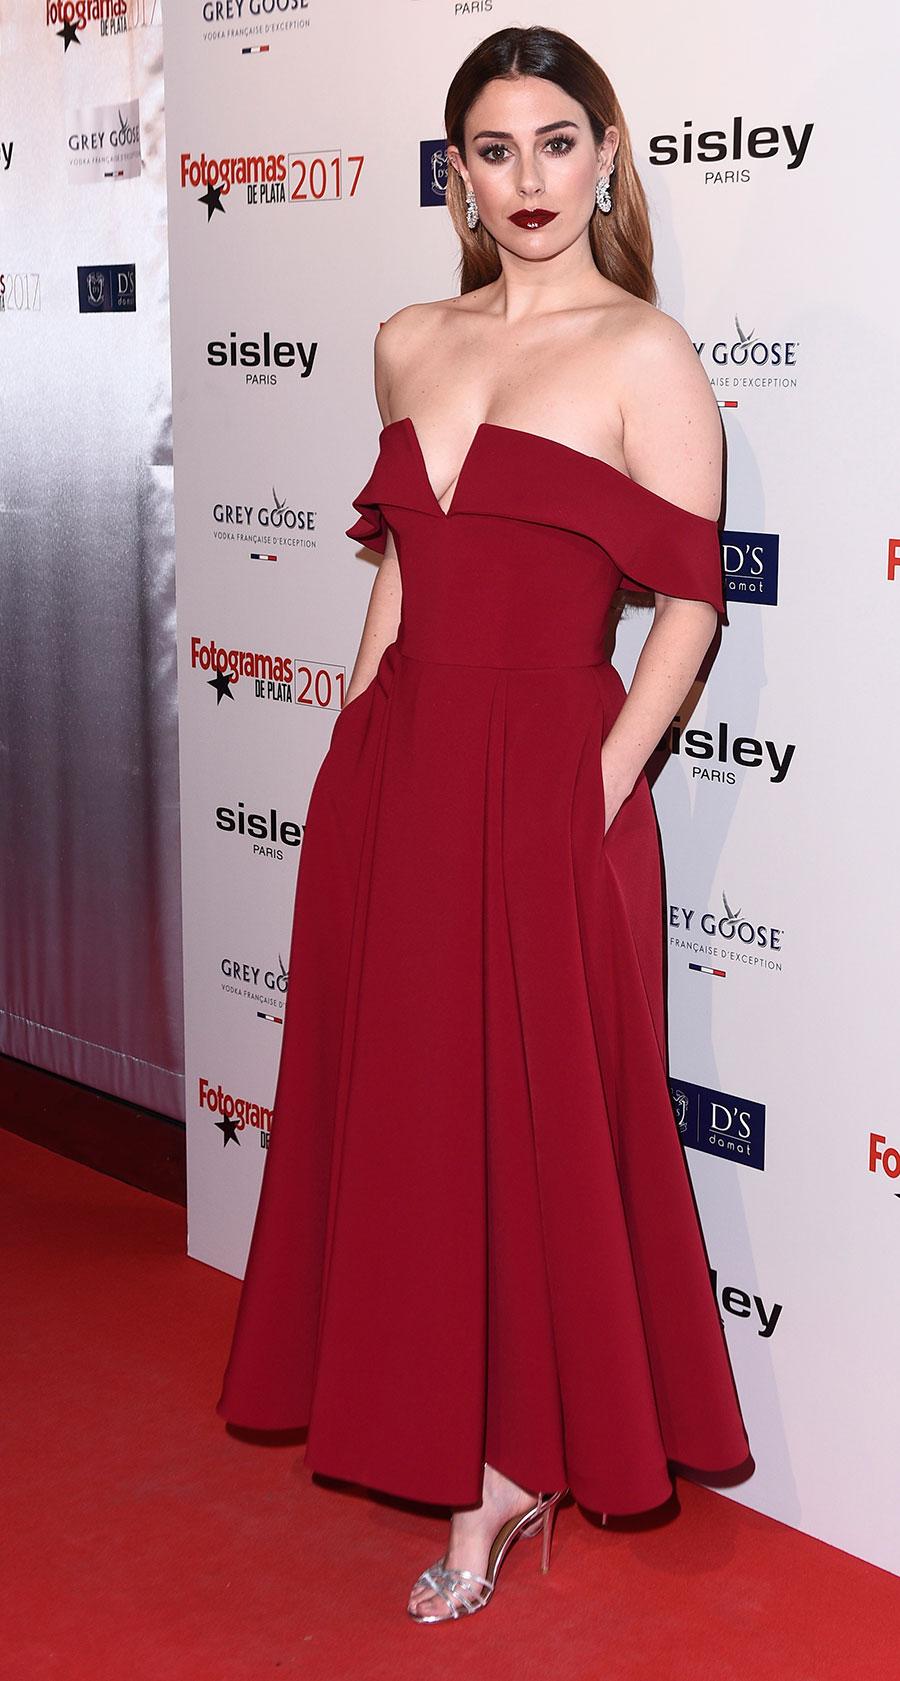 Maquillaje novia vestido rojo